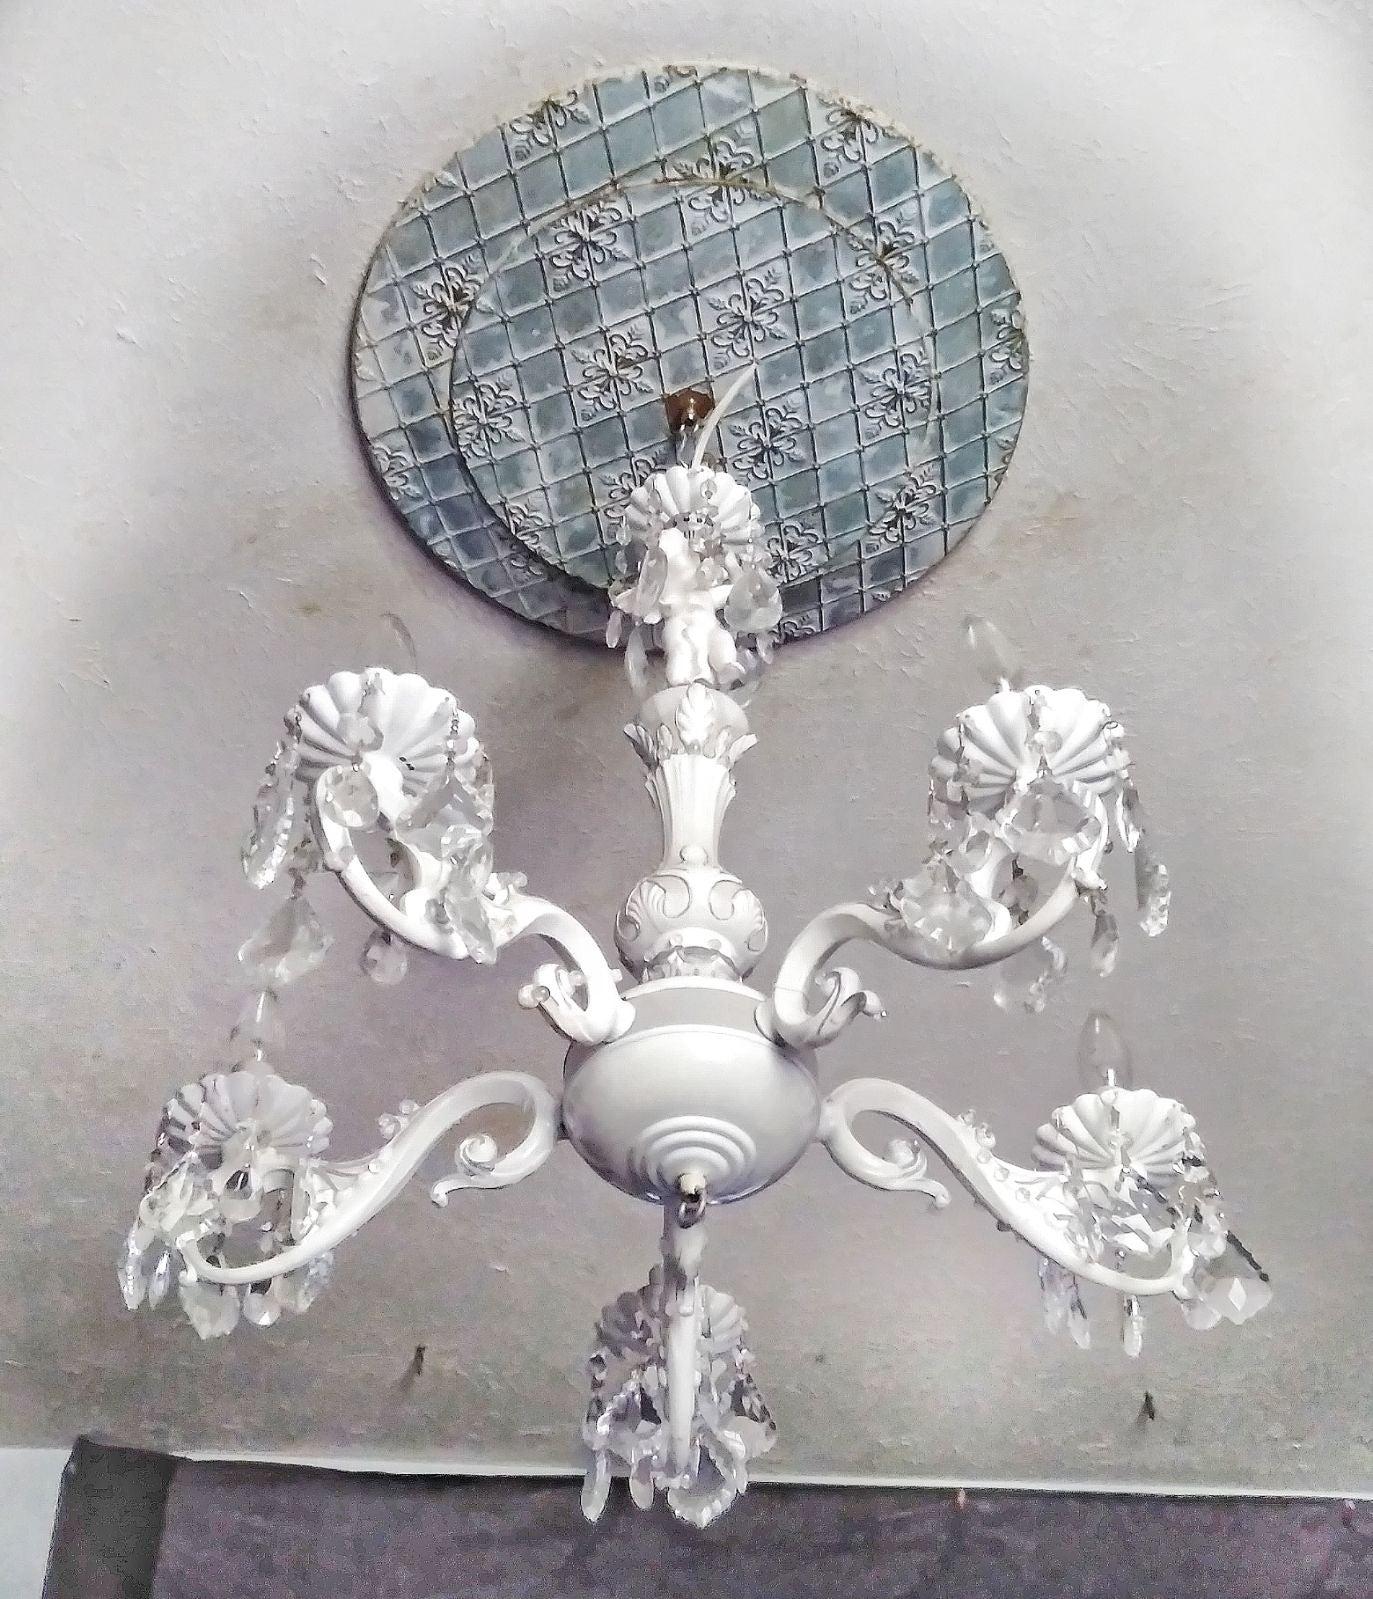 Restored antique Chandelier